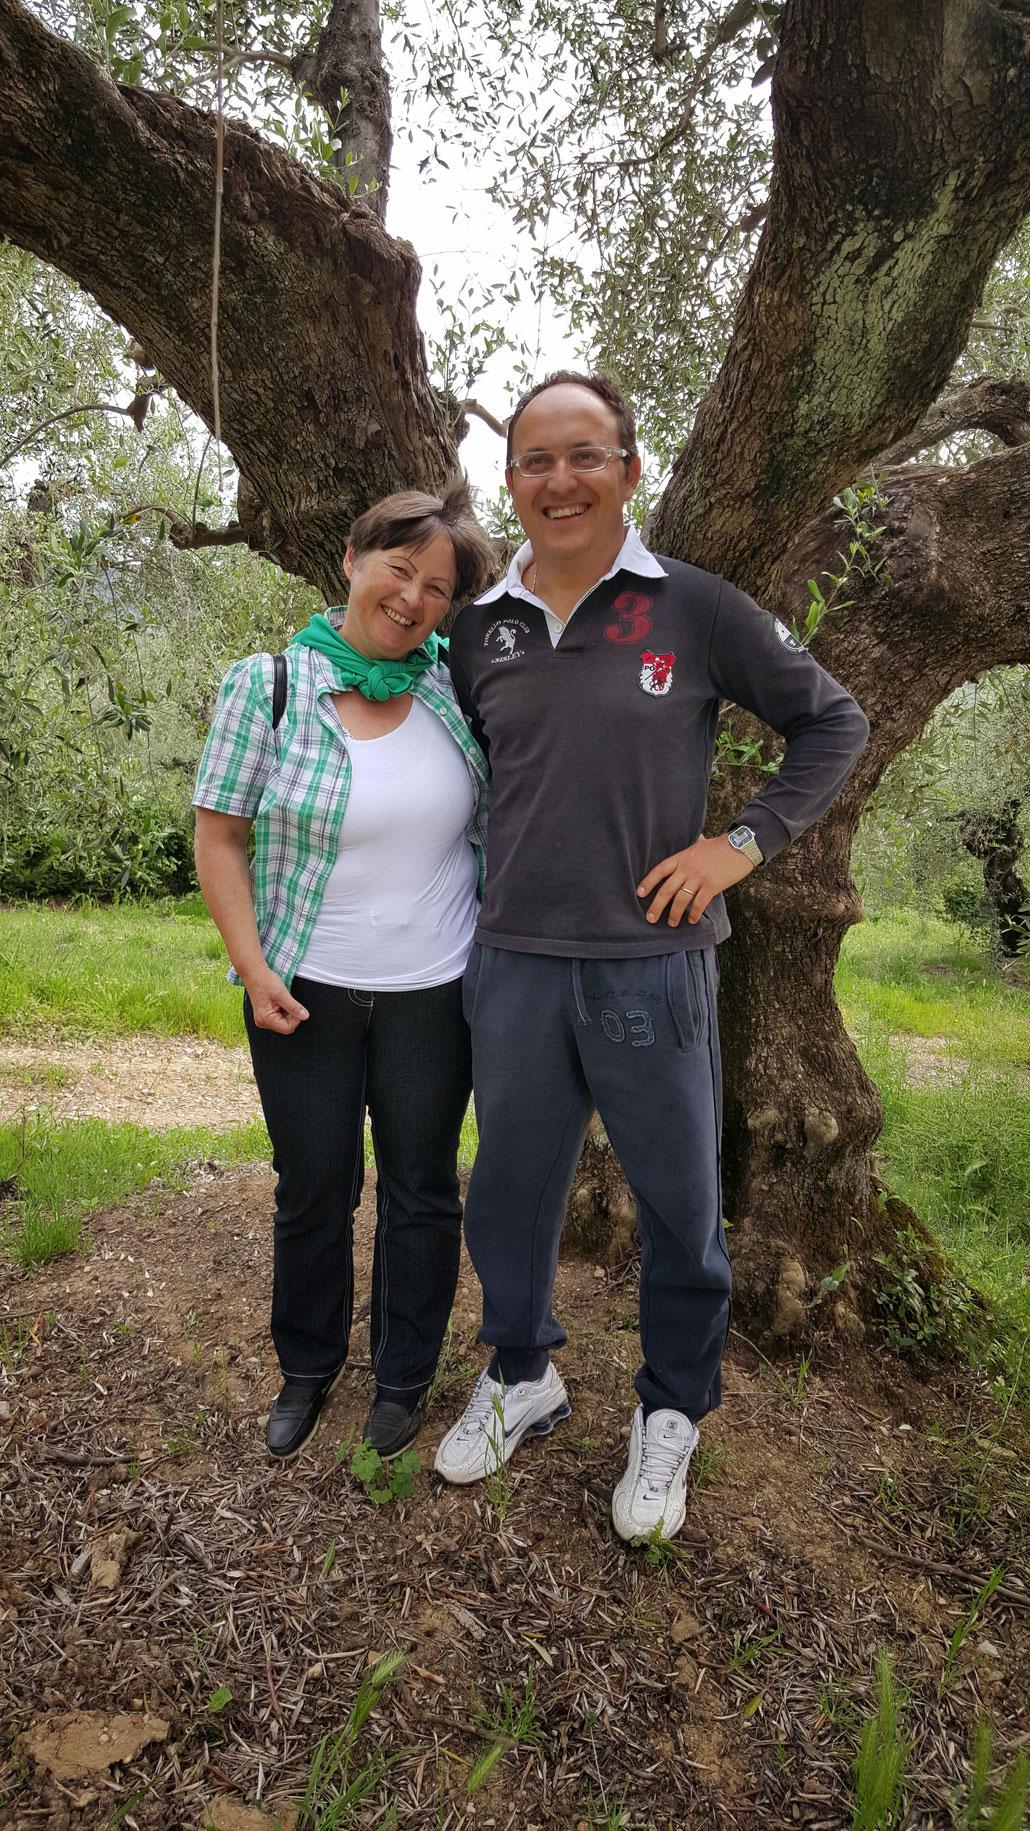 Meine Mutter, Margrit mit Simone Di Gaetano von Fonte di Foiano